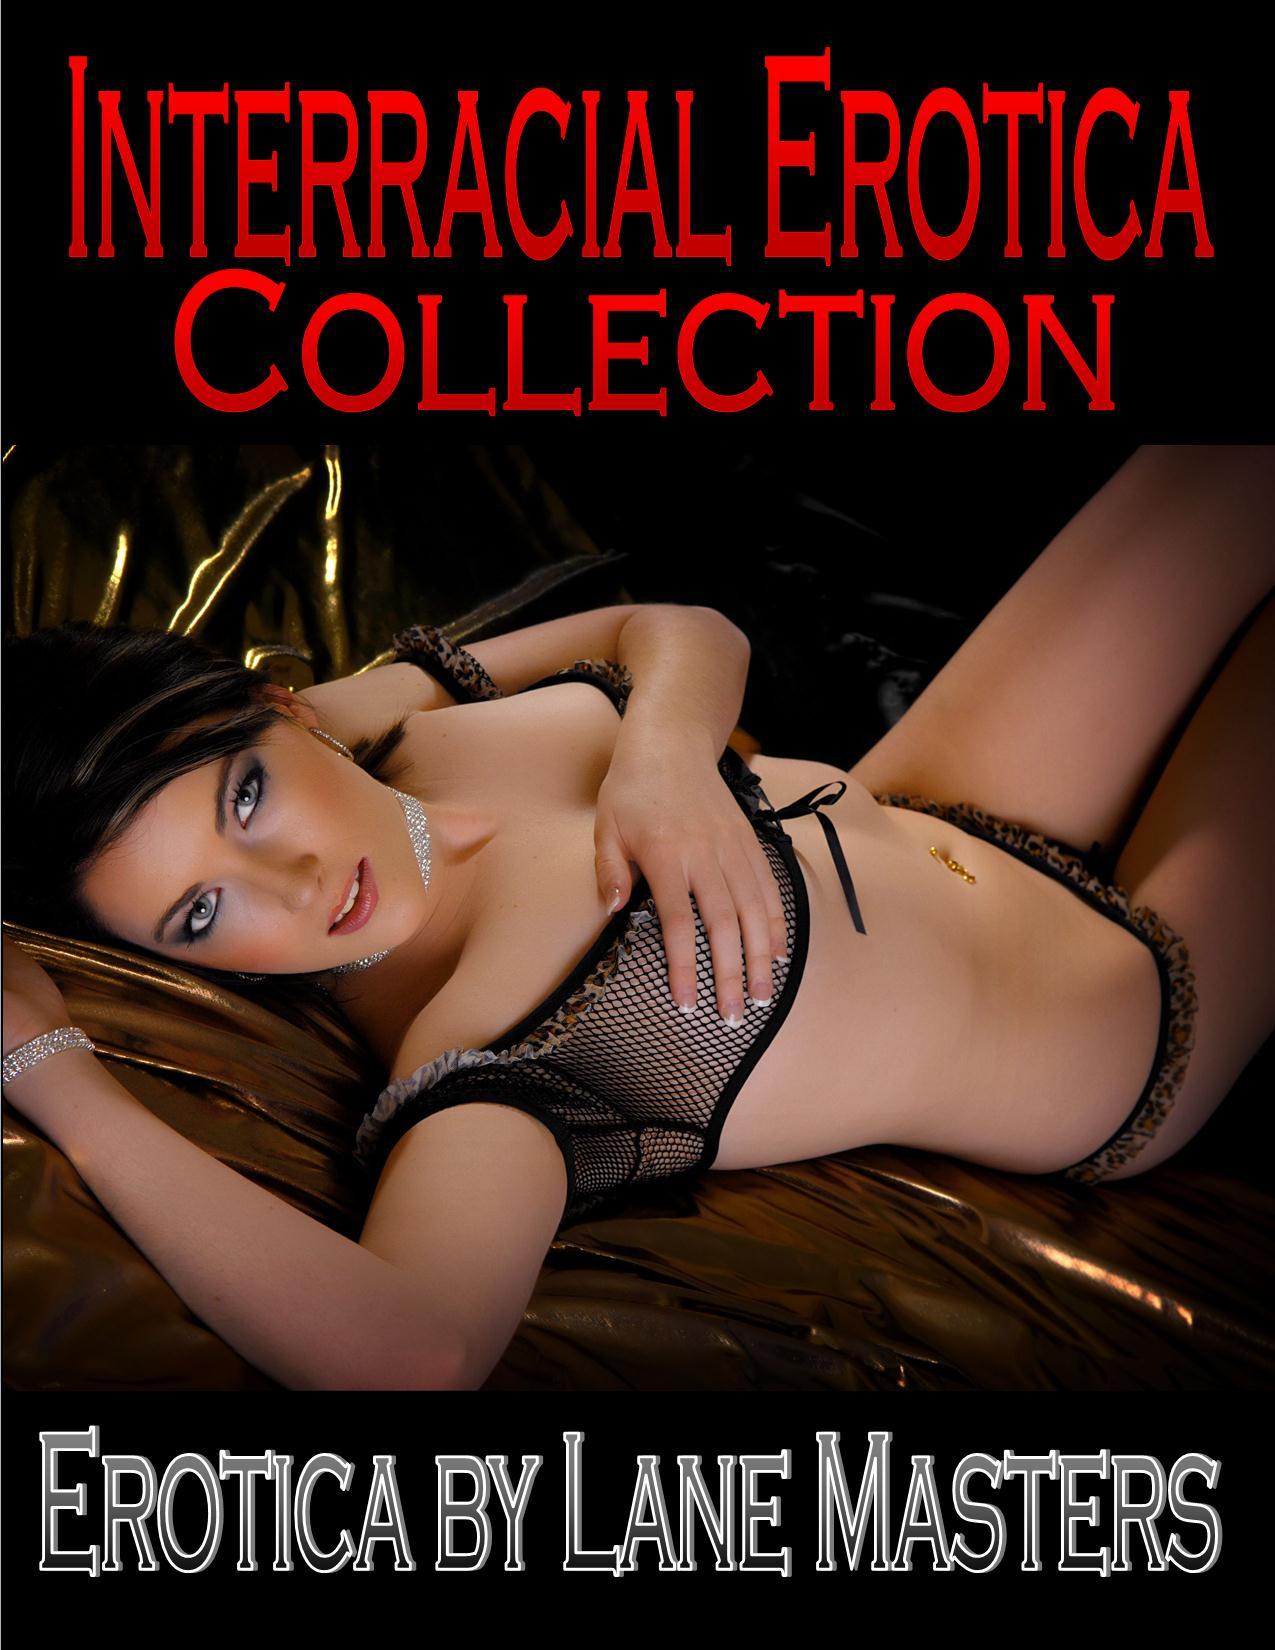 Interracial Erotica Collection: Cuckold, Dominance, and Romantica